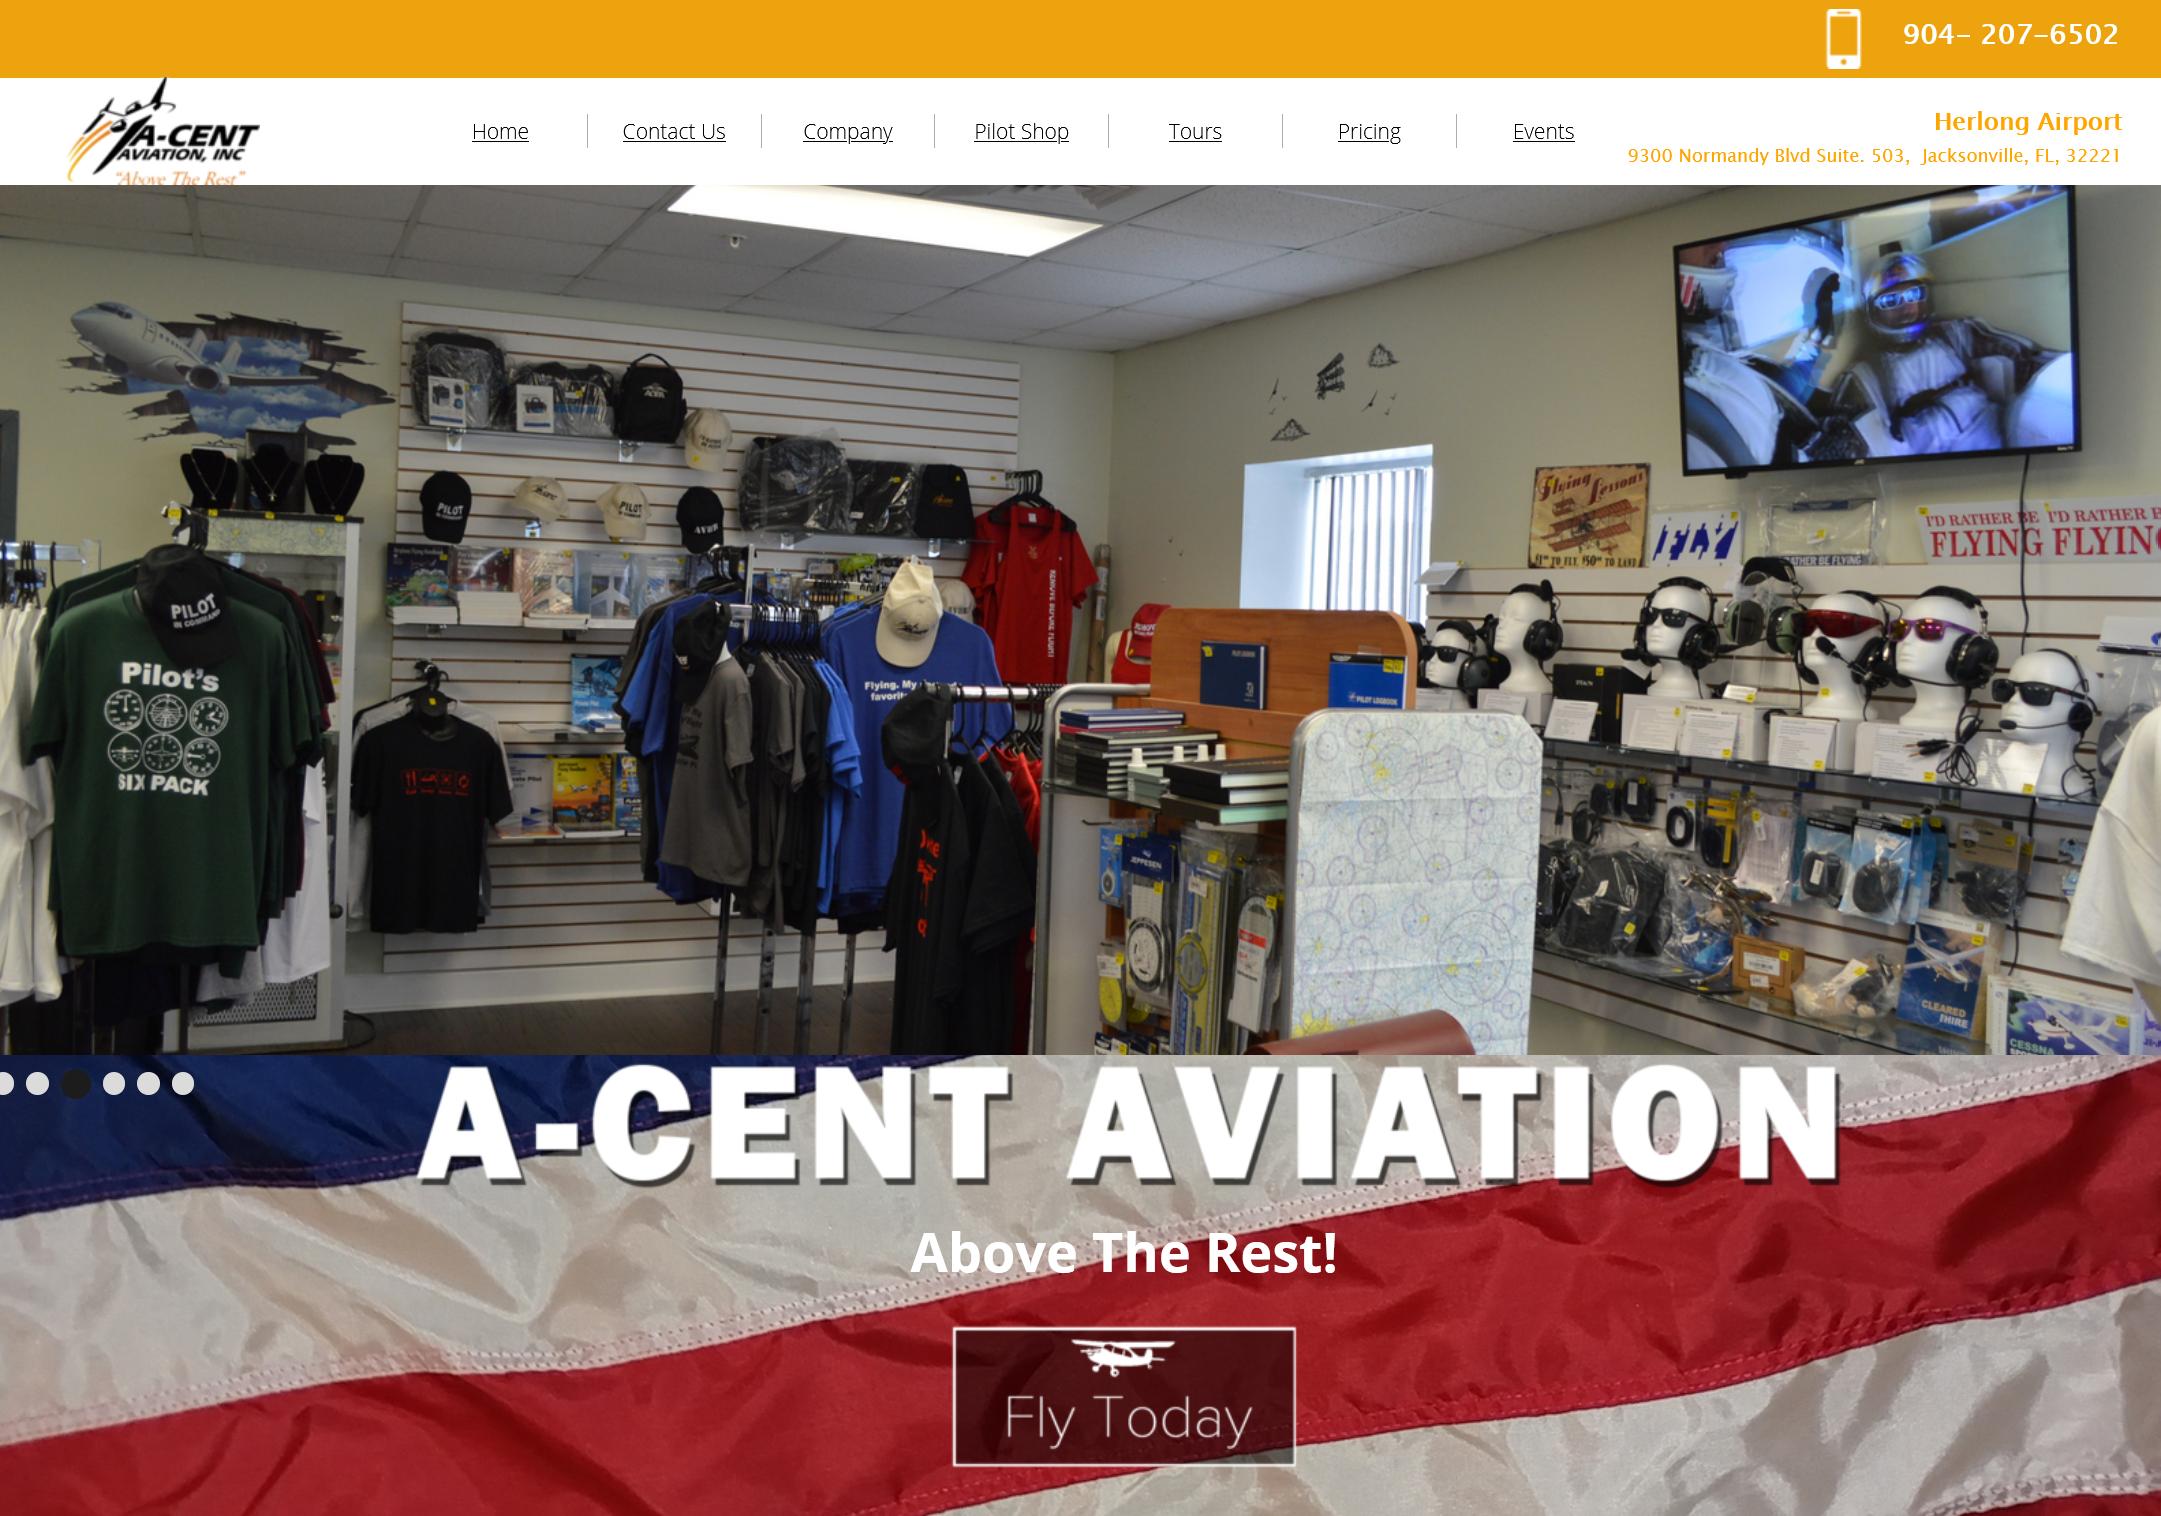 A-Cent Aviation's Original Website